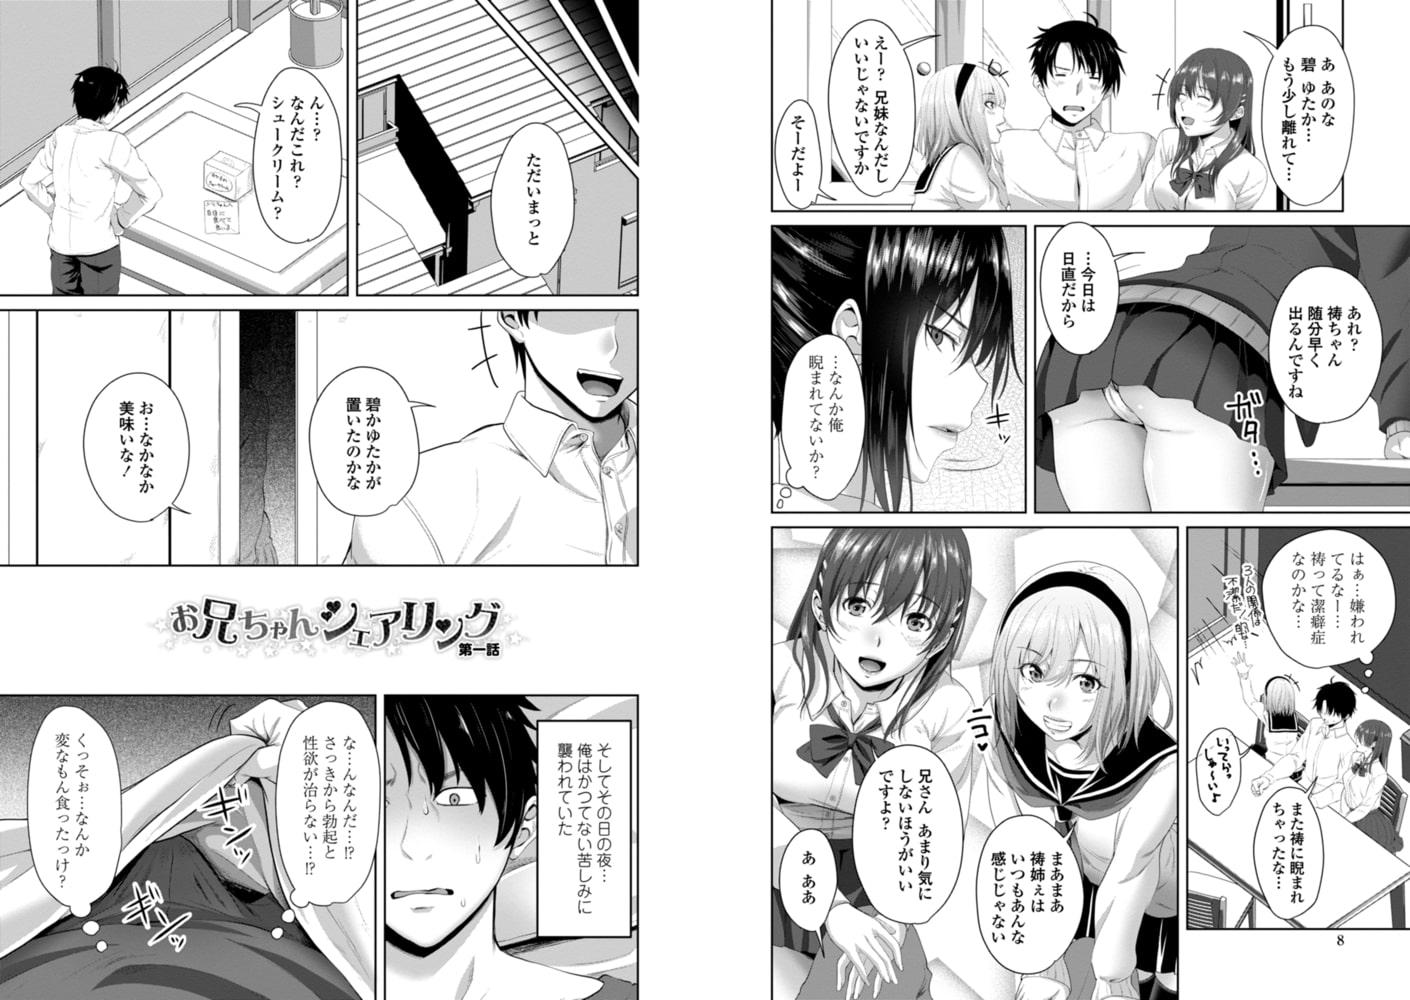 膣内射精シスター【特典付き限定版】のサンプル3